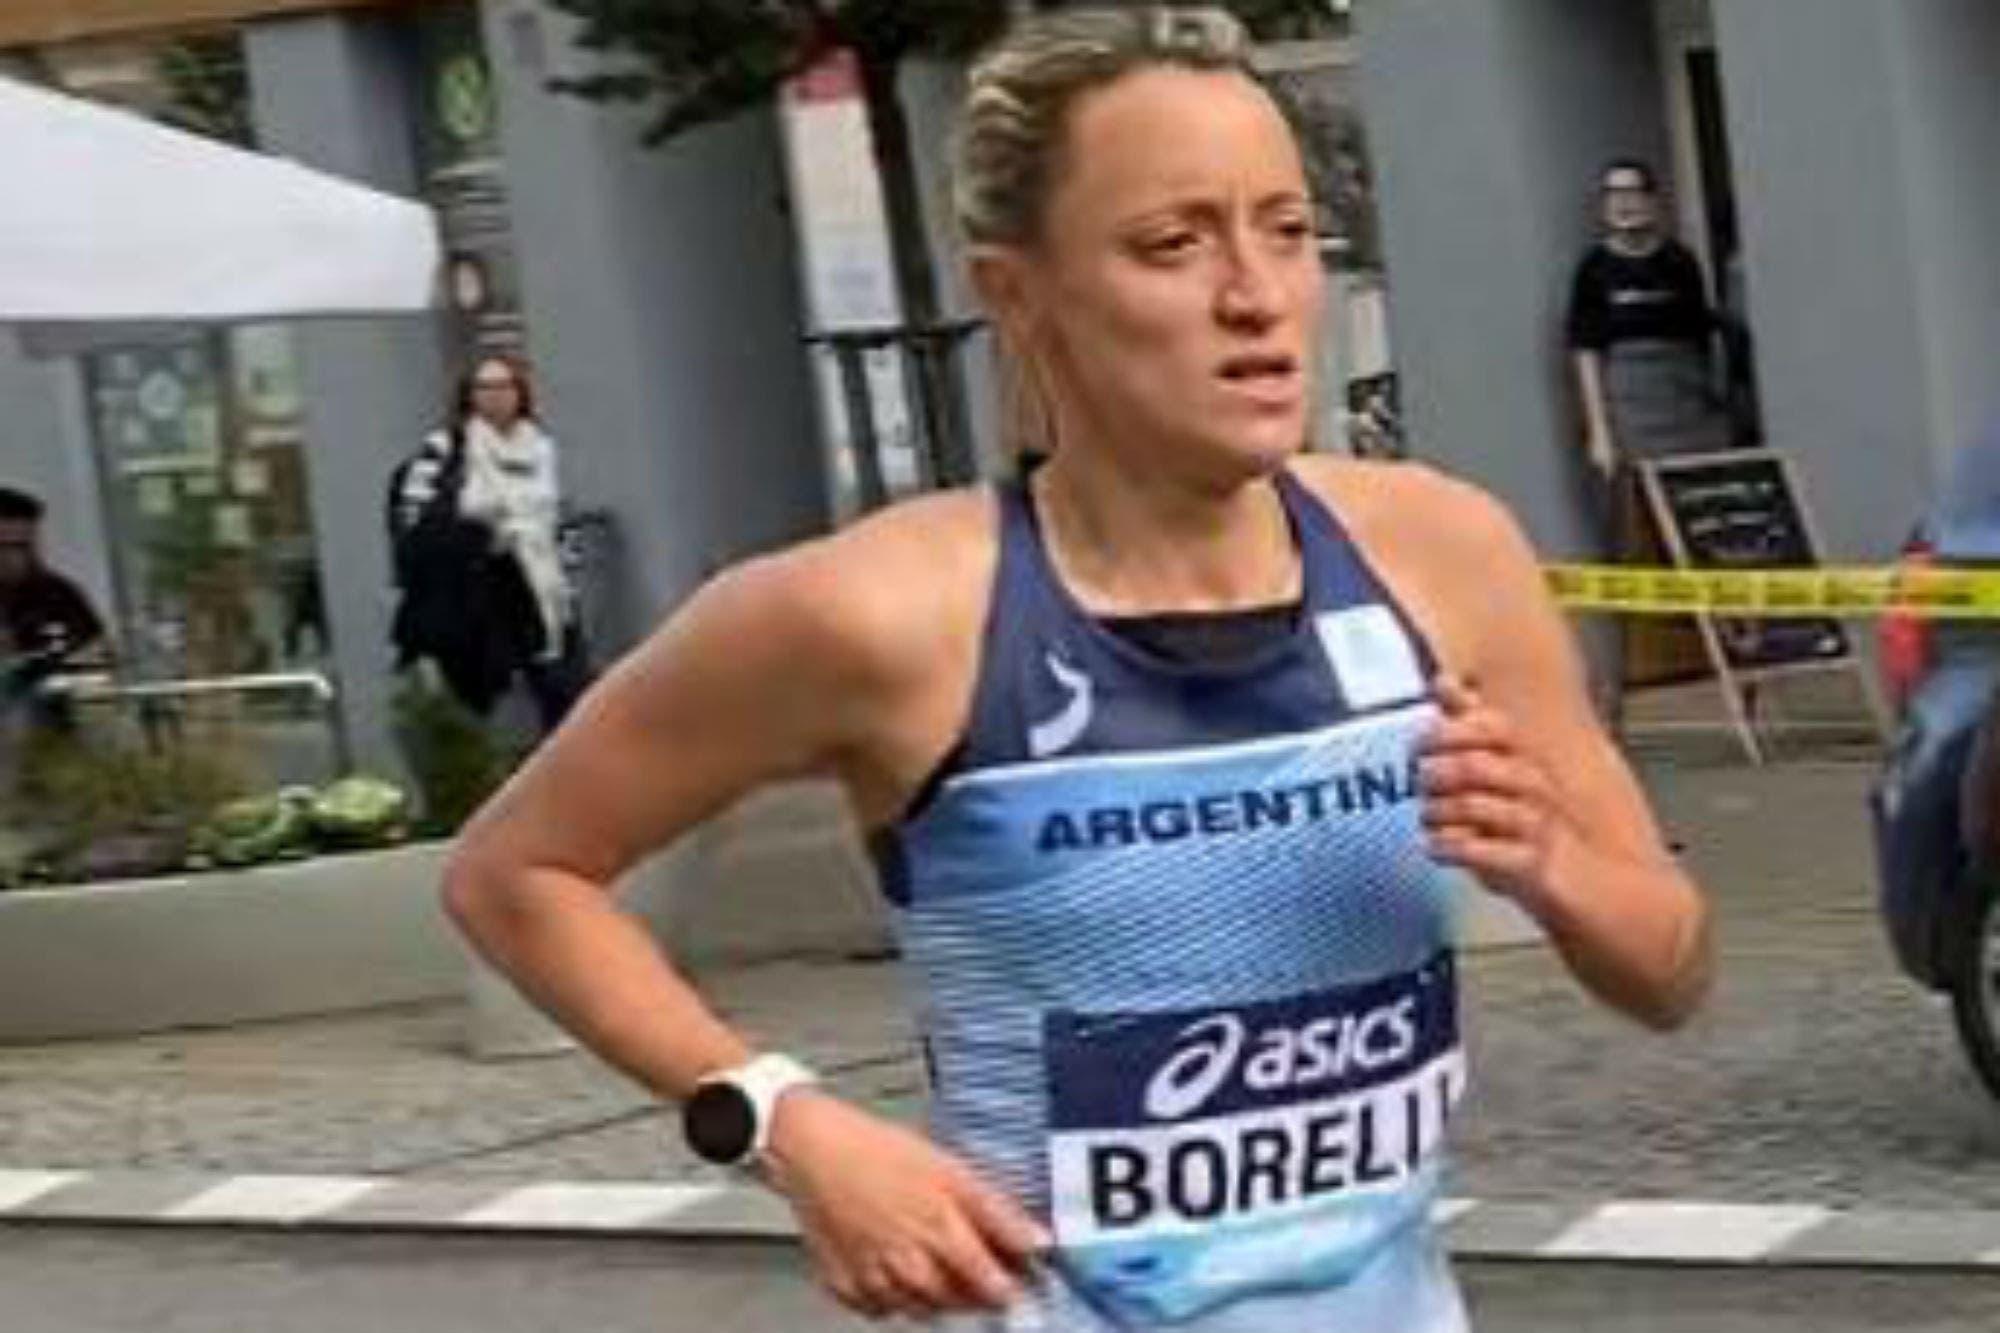 Mundial de media maratón en Polonia: una argentina batió dos récords y el equipo femenino tuvo una actuación histórica